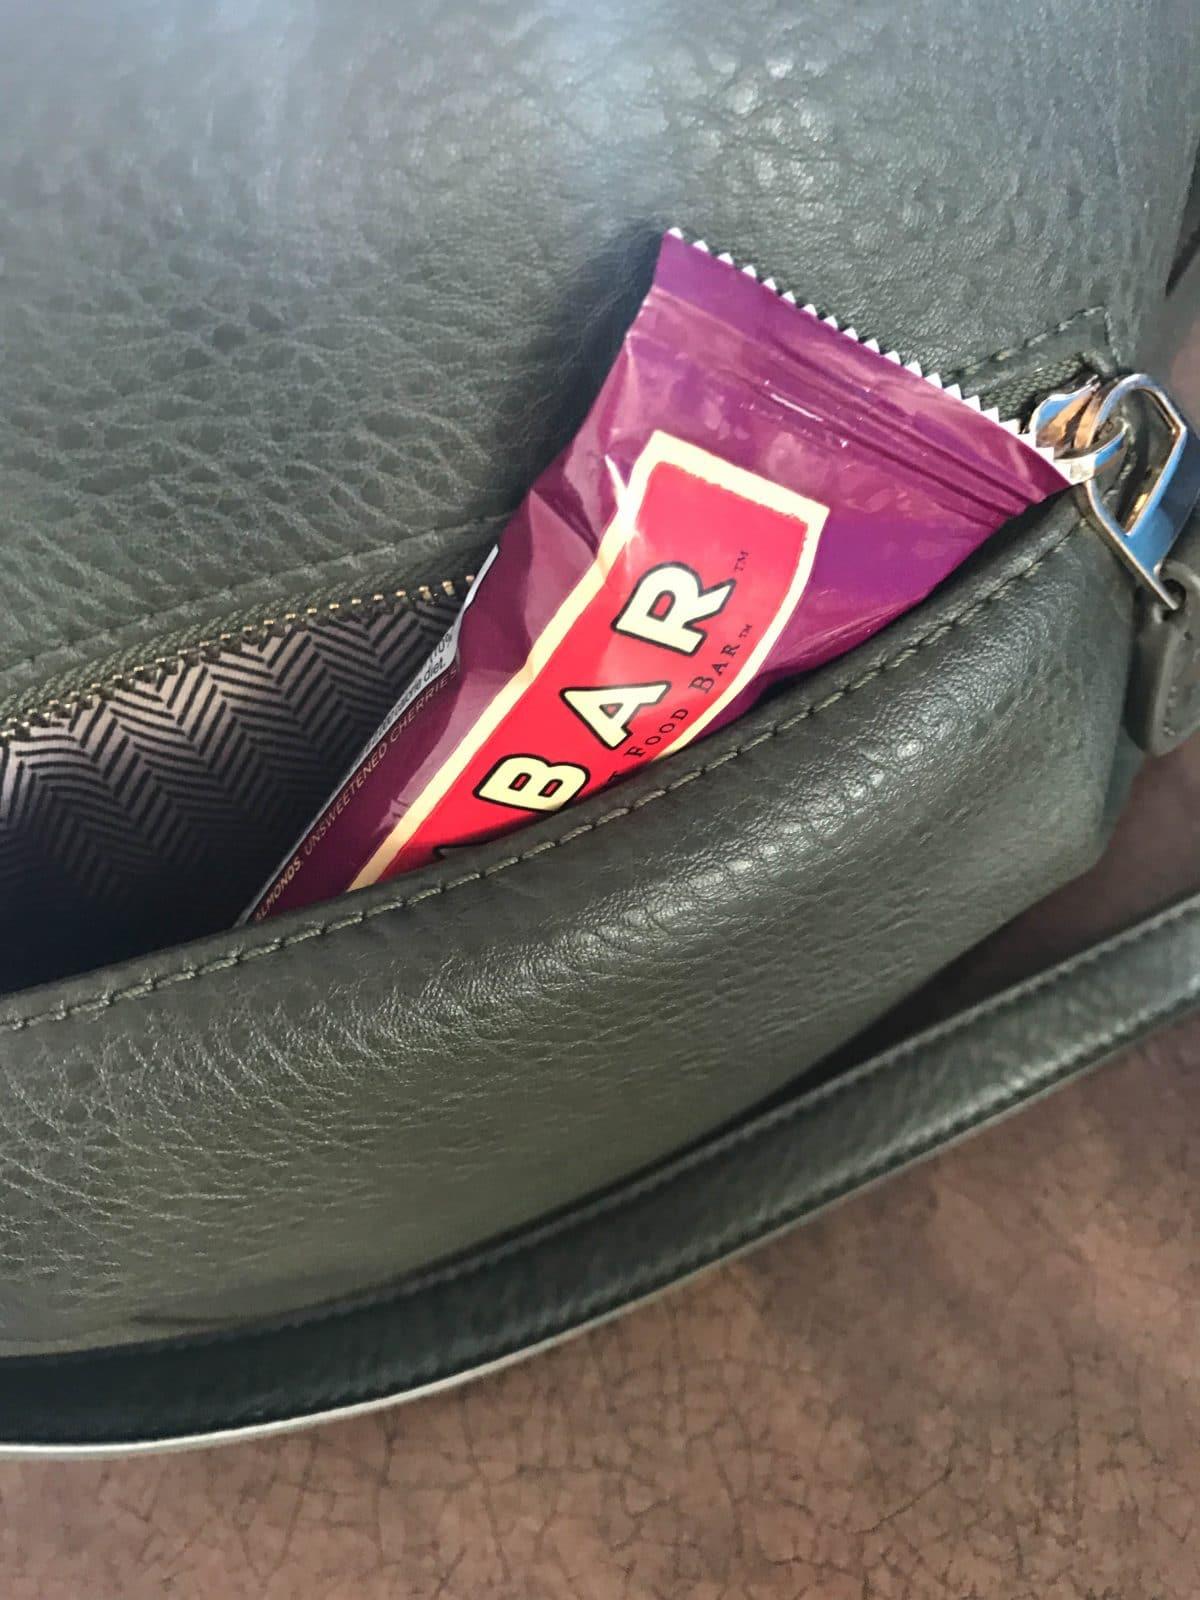 LARABAR purse